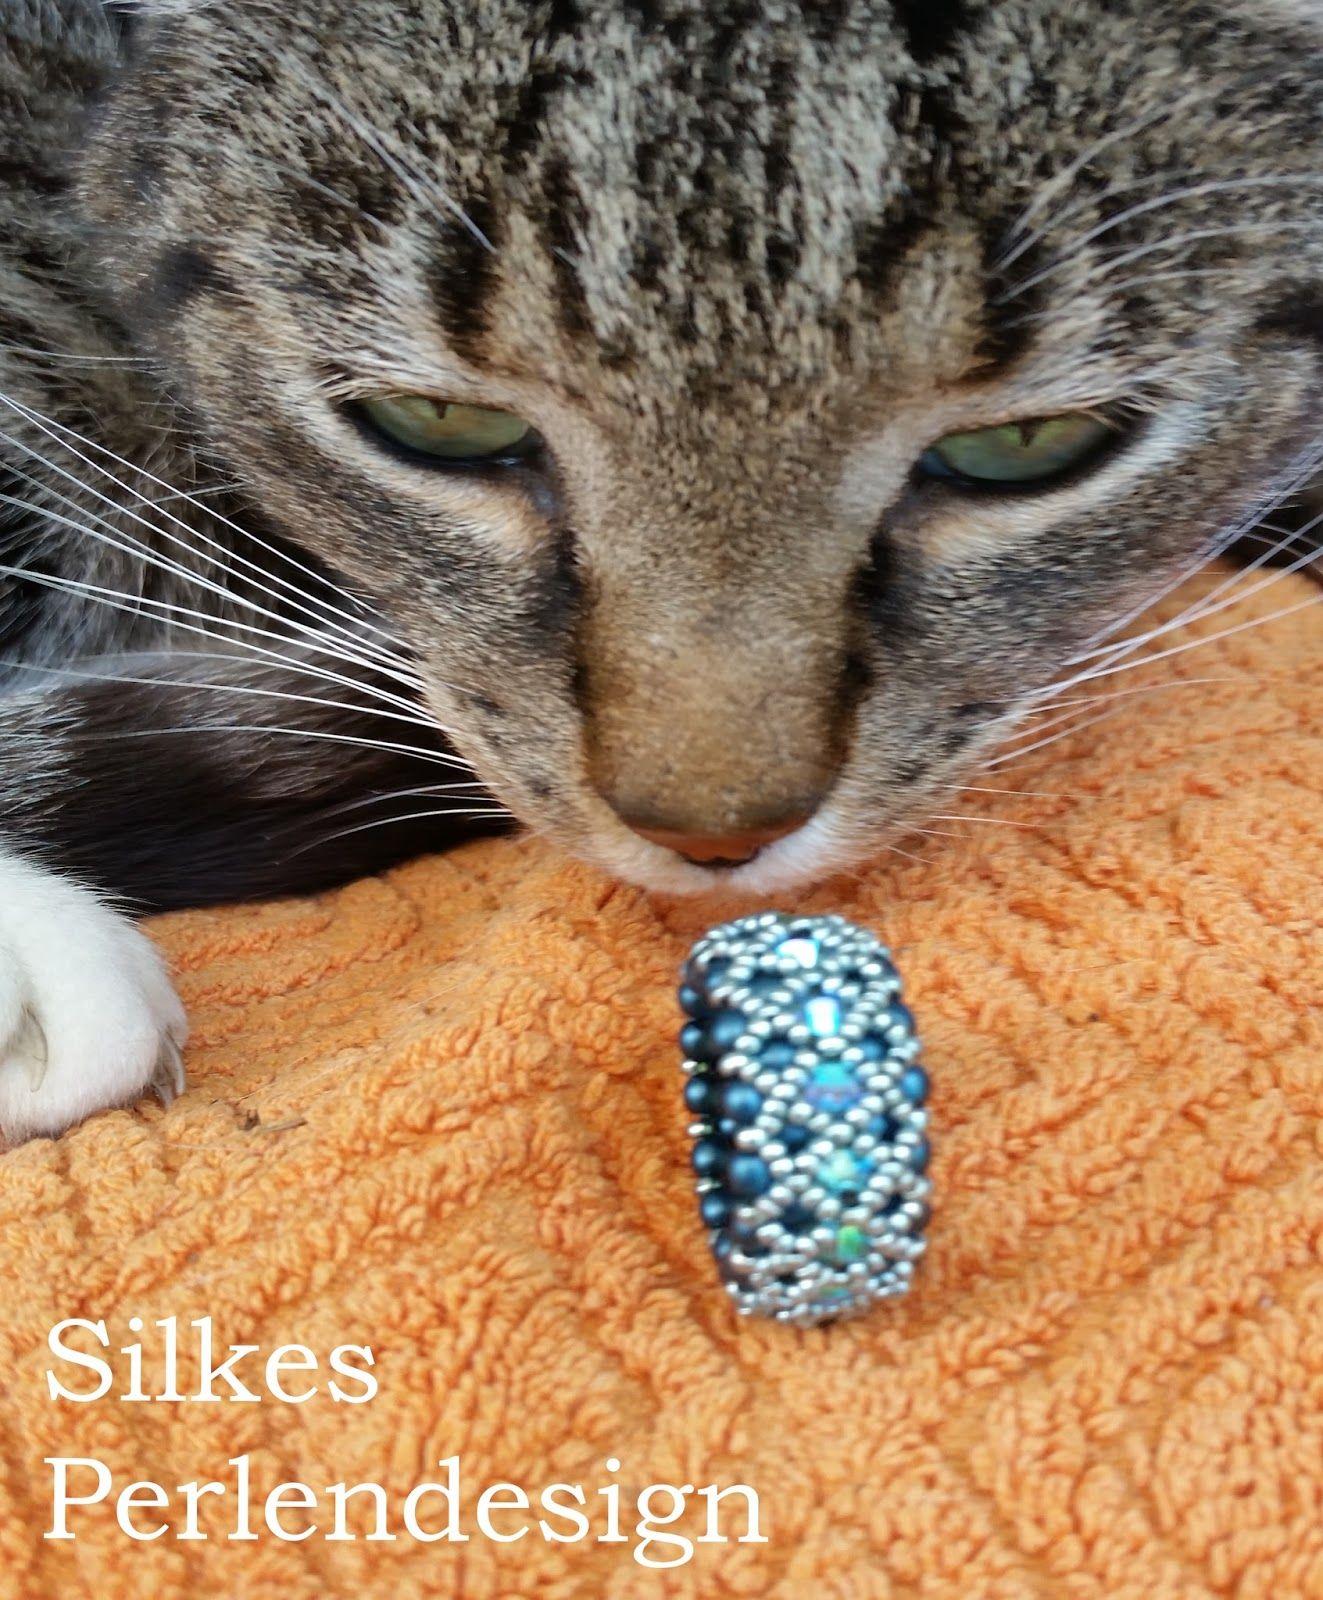 Silkes Perlendesign: Bandringe